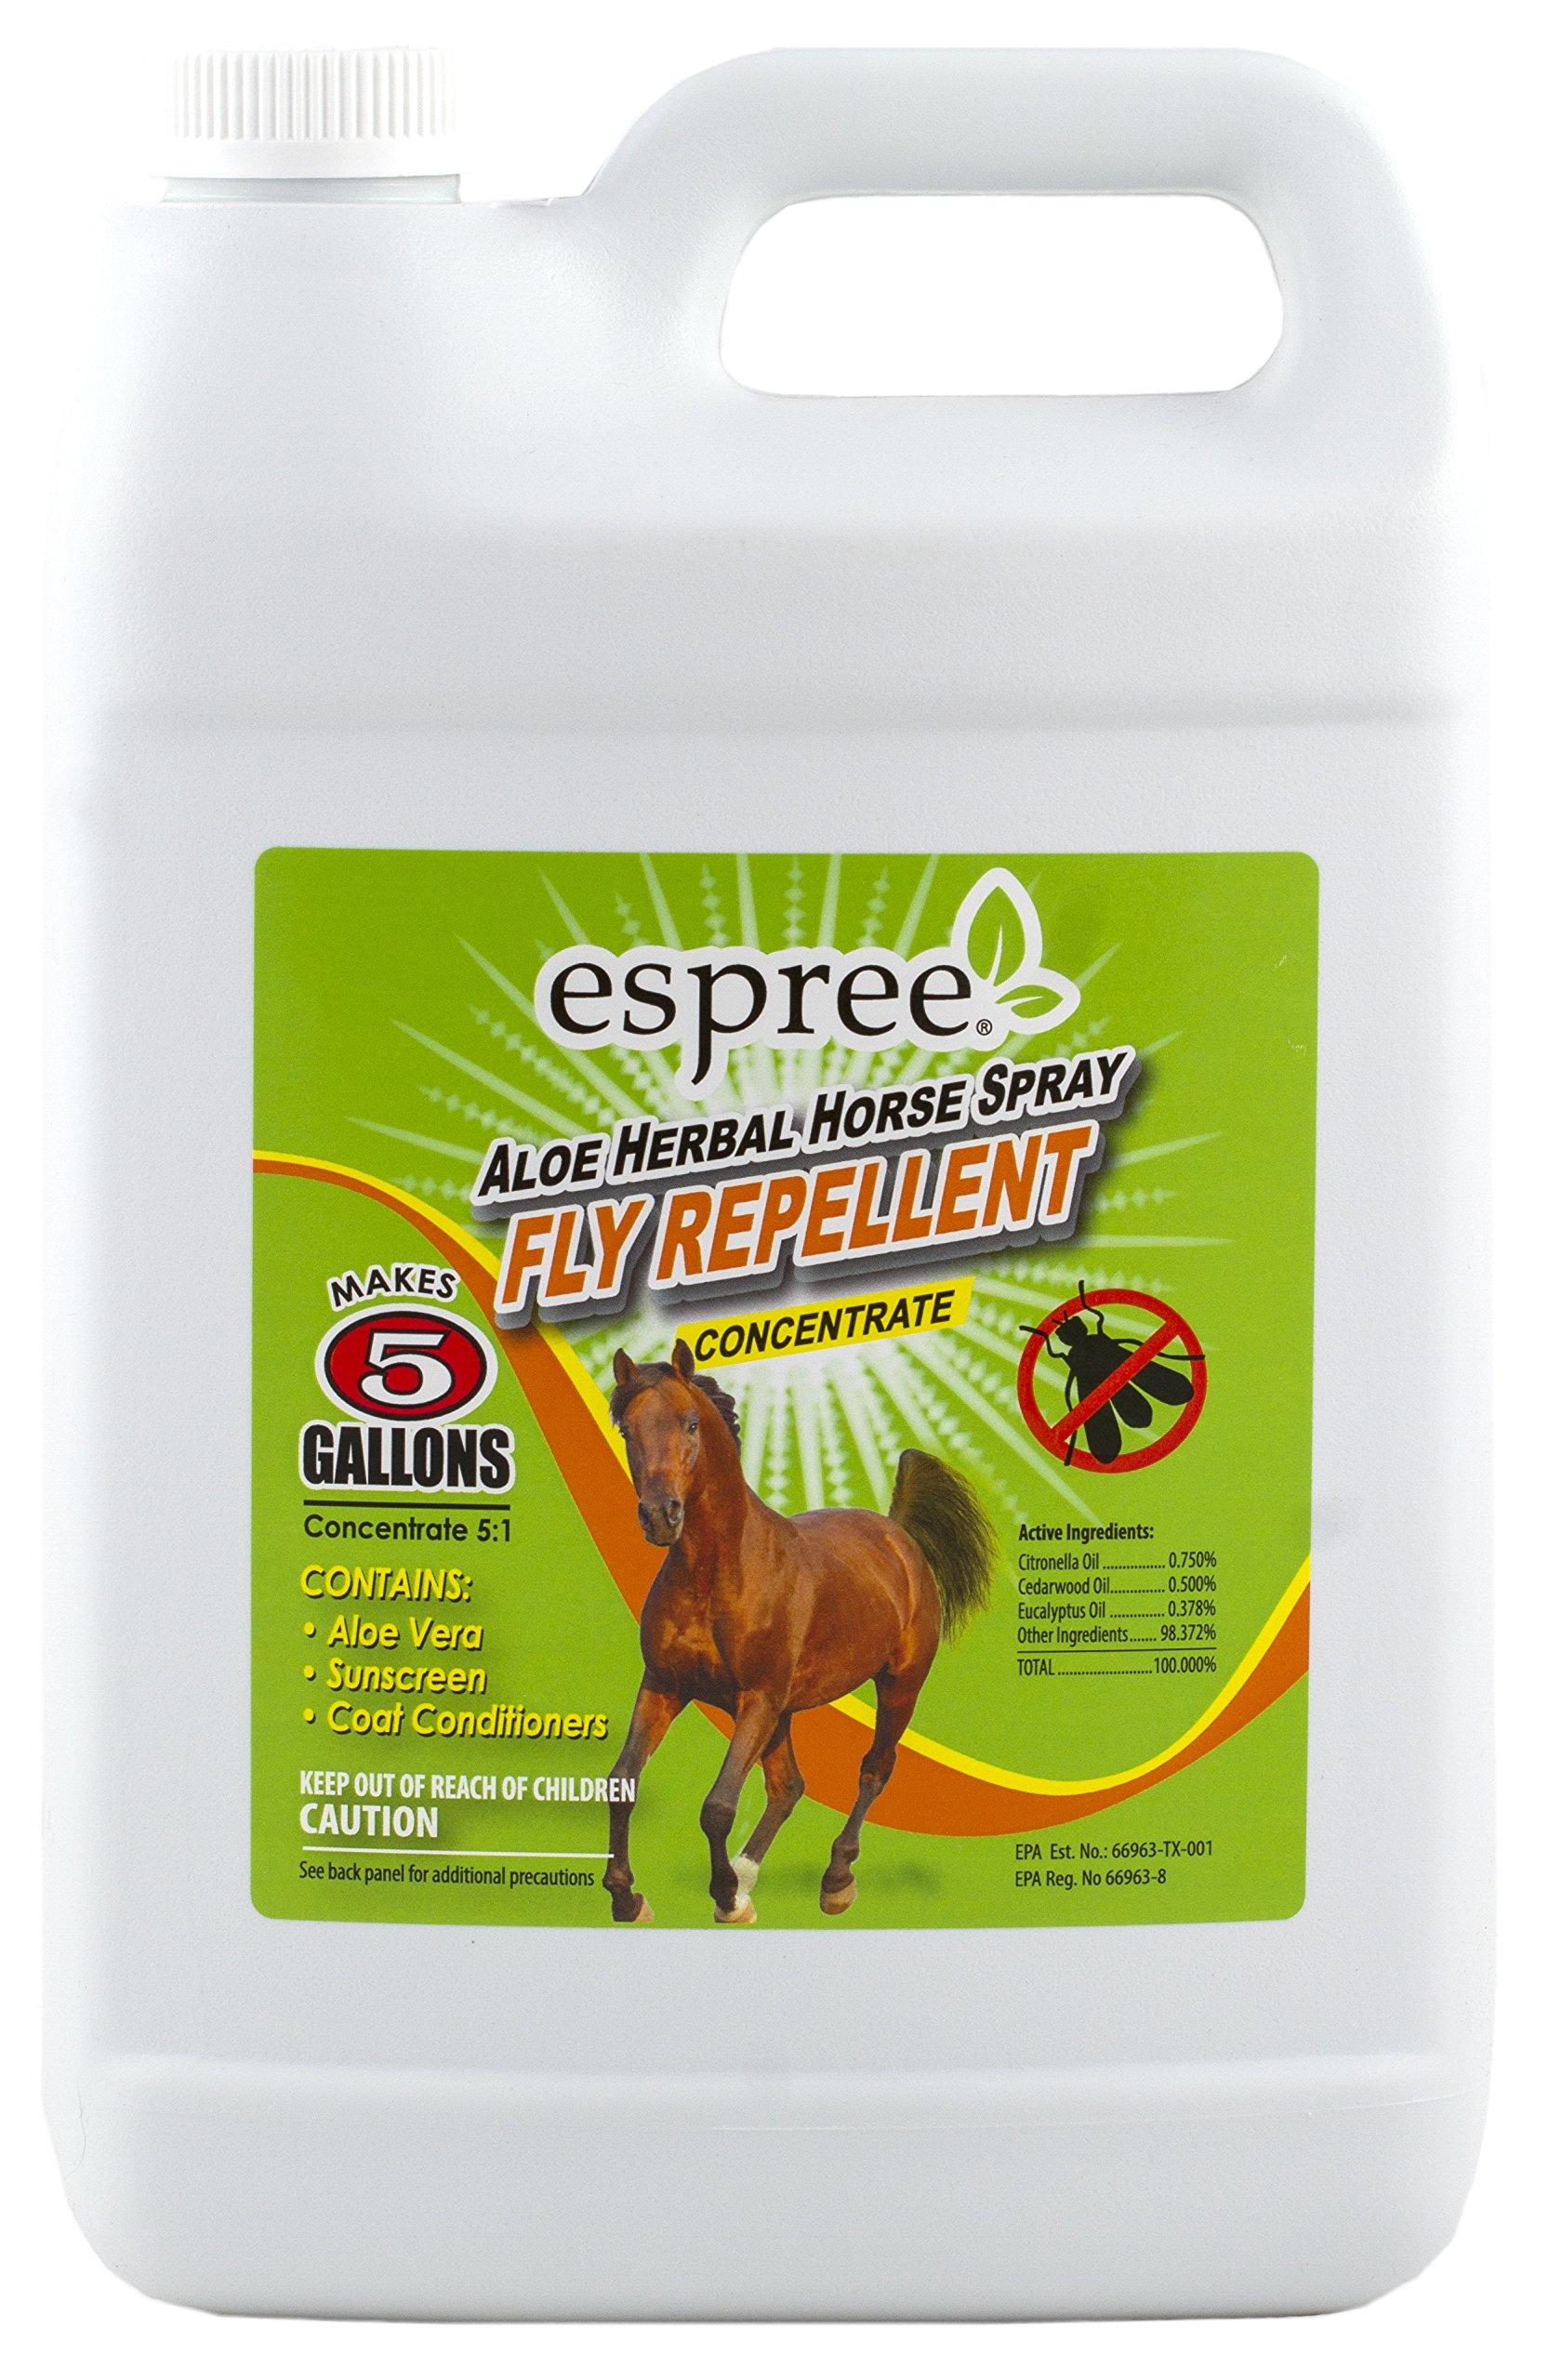 Espree Aloe Herbal Horse Fly Repellent Spray Promotes Healthy Coat 5:1 Concentration, 1 Gallon by Espree